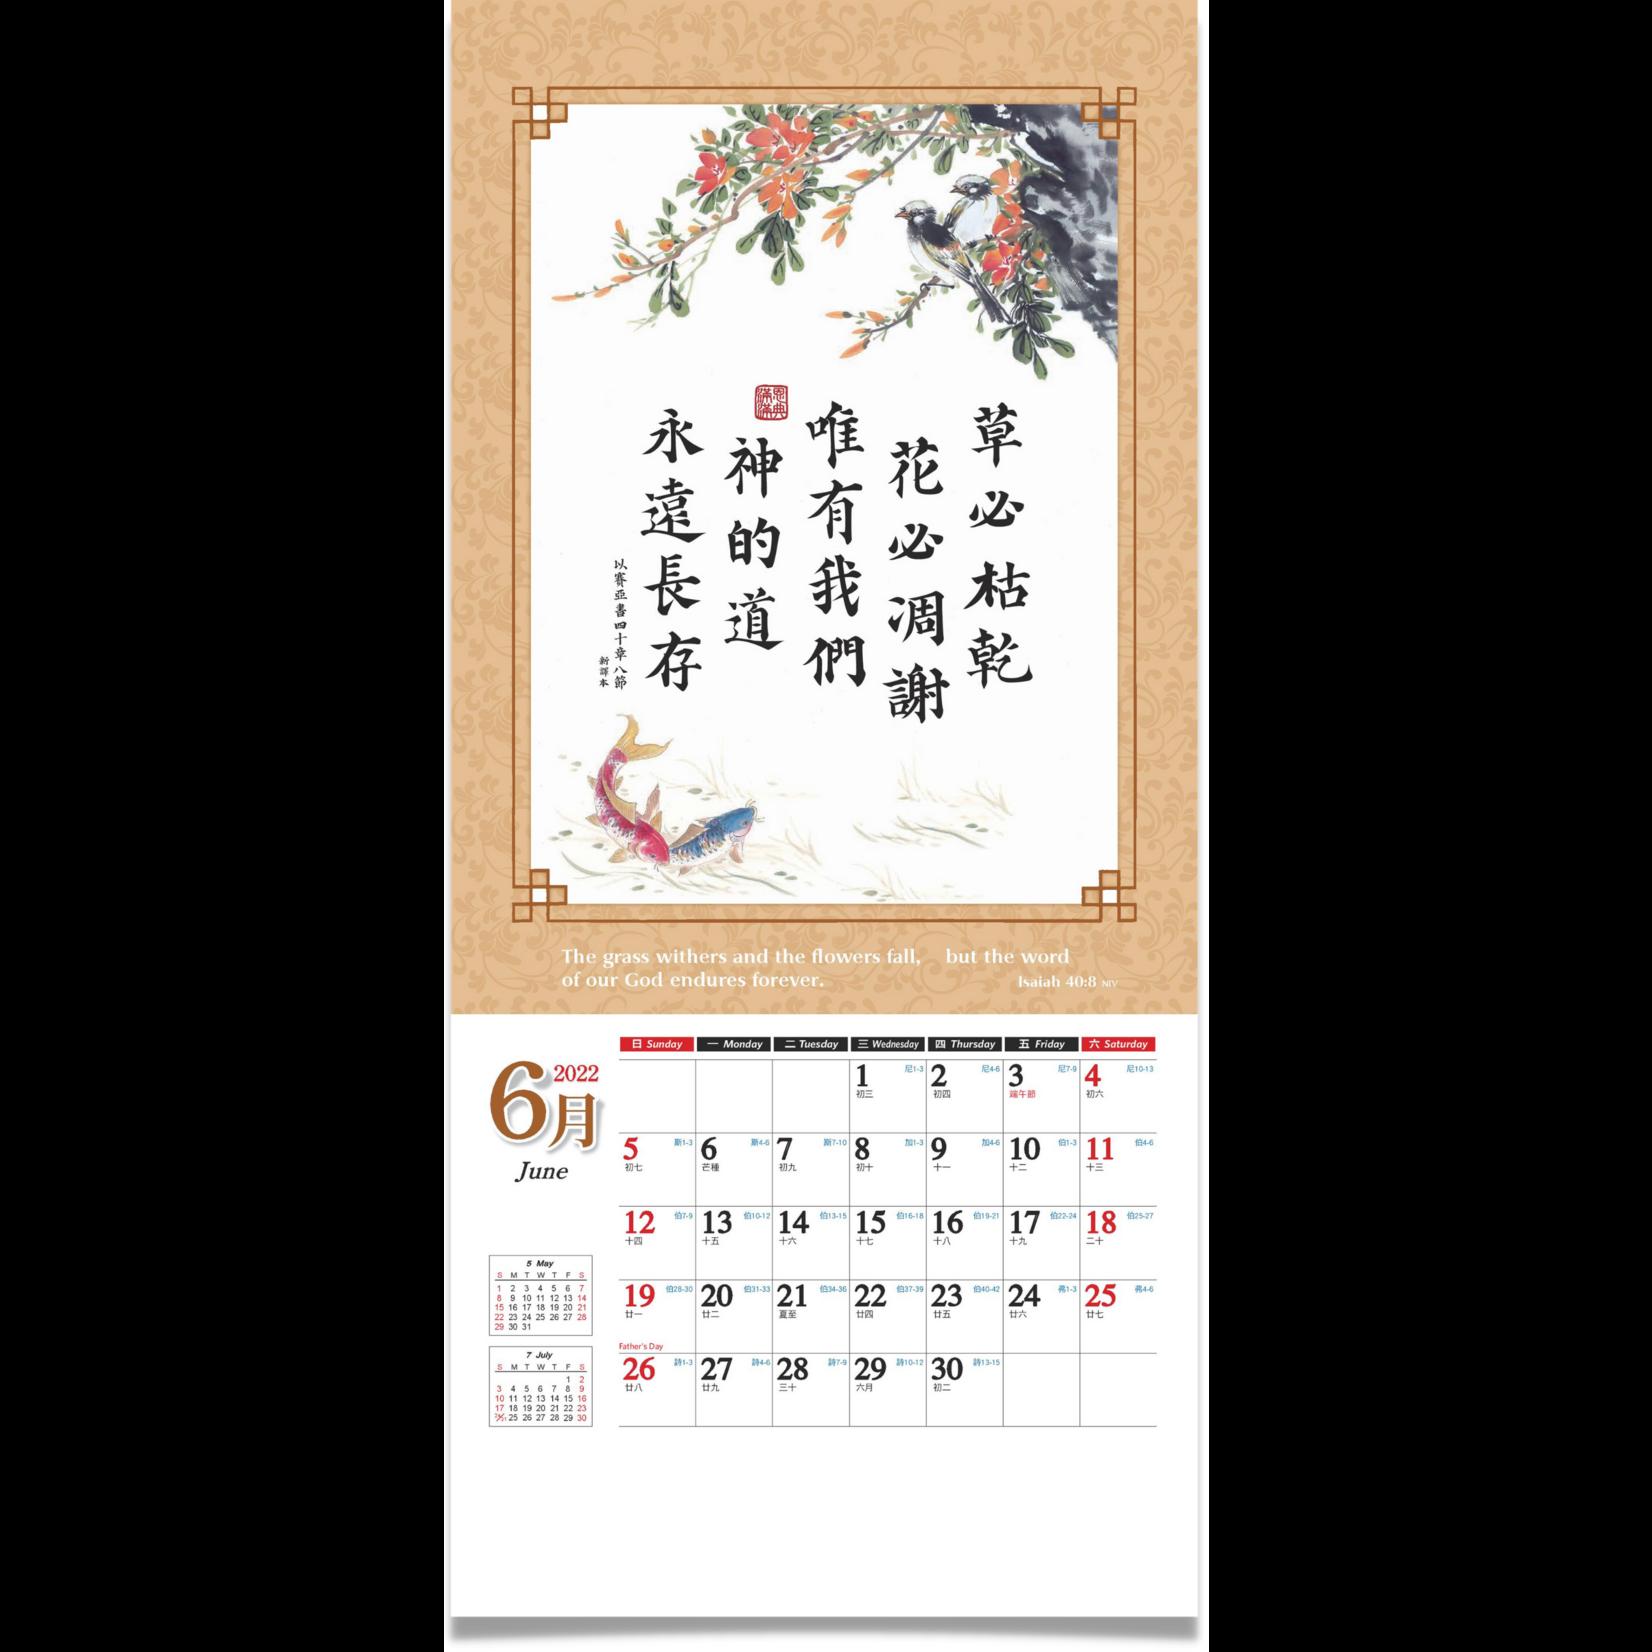 天道福音中心 TDCMA LA 2022天道經文月曆:鳥語花香版